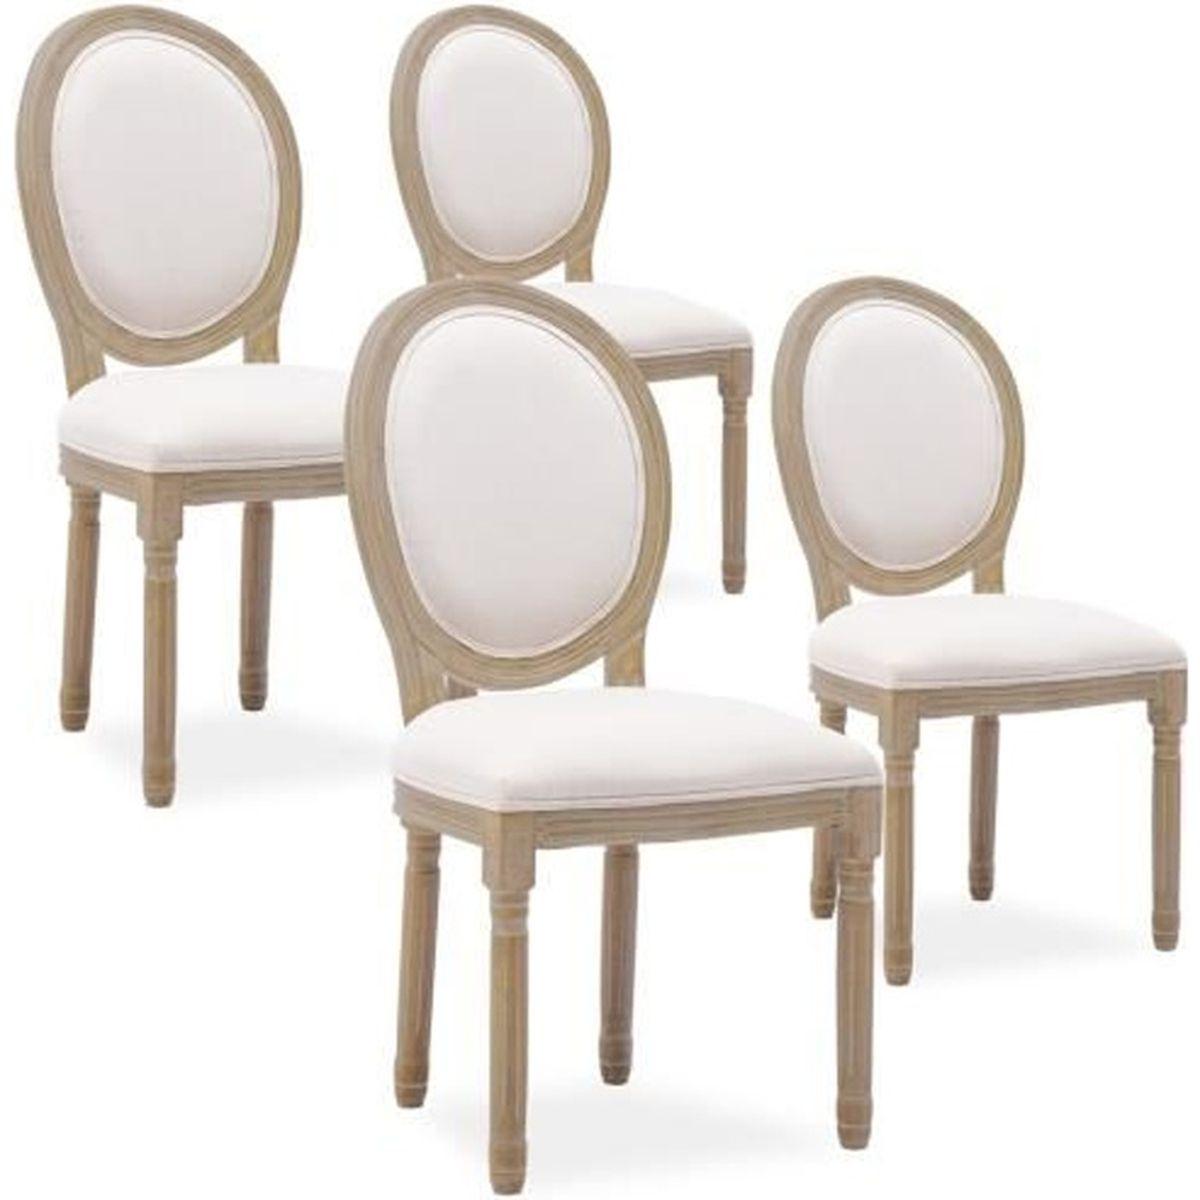 Chaise Salle A Manger Louis Xv chaise louis xv